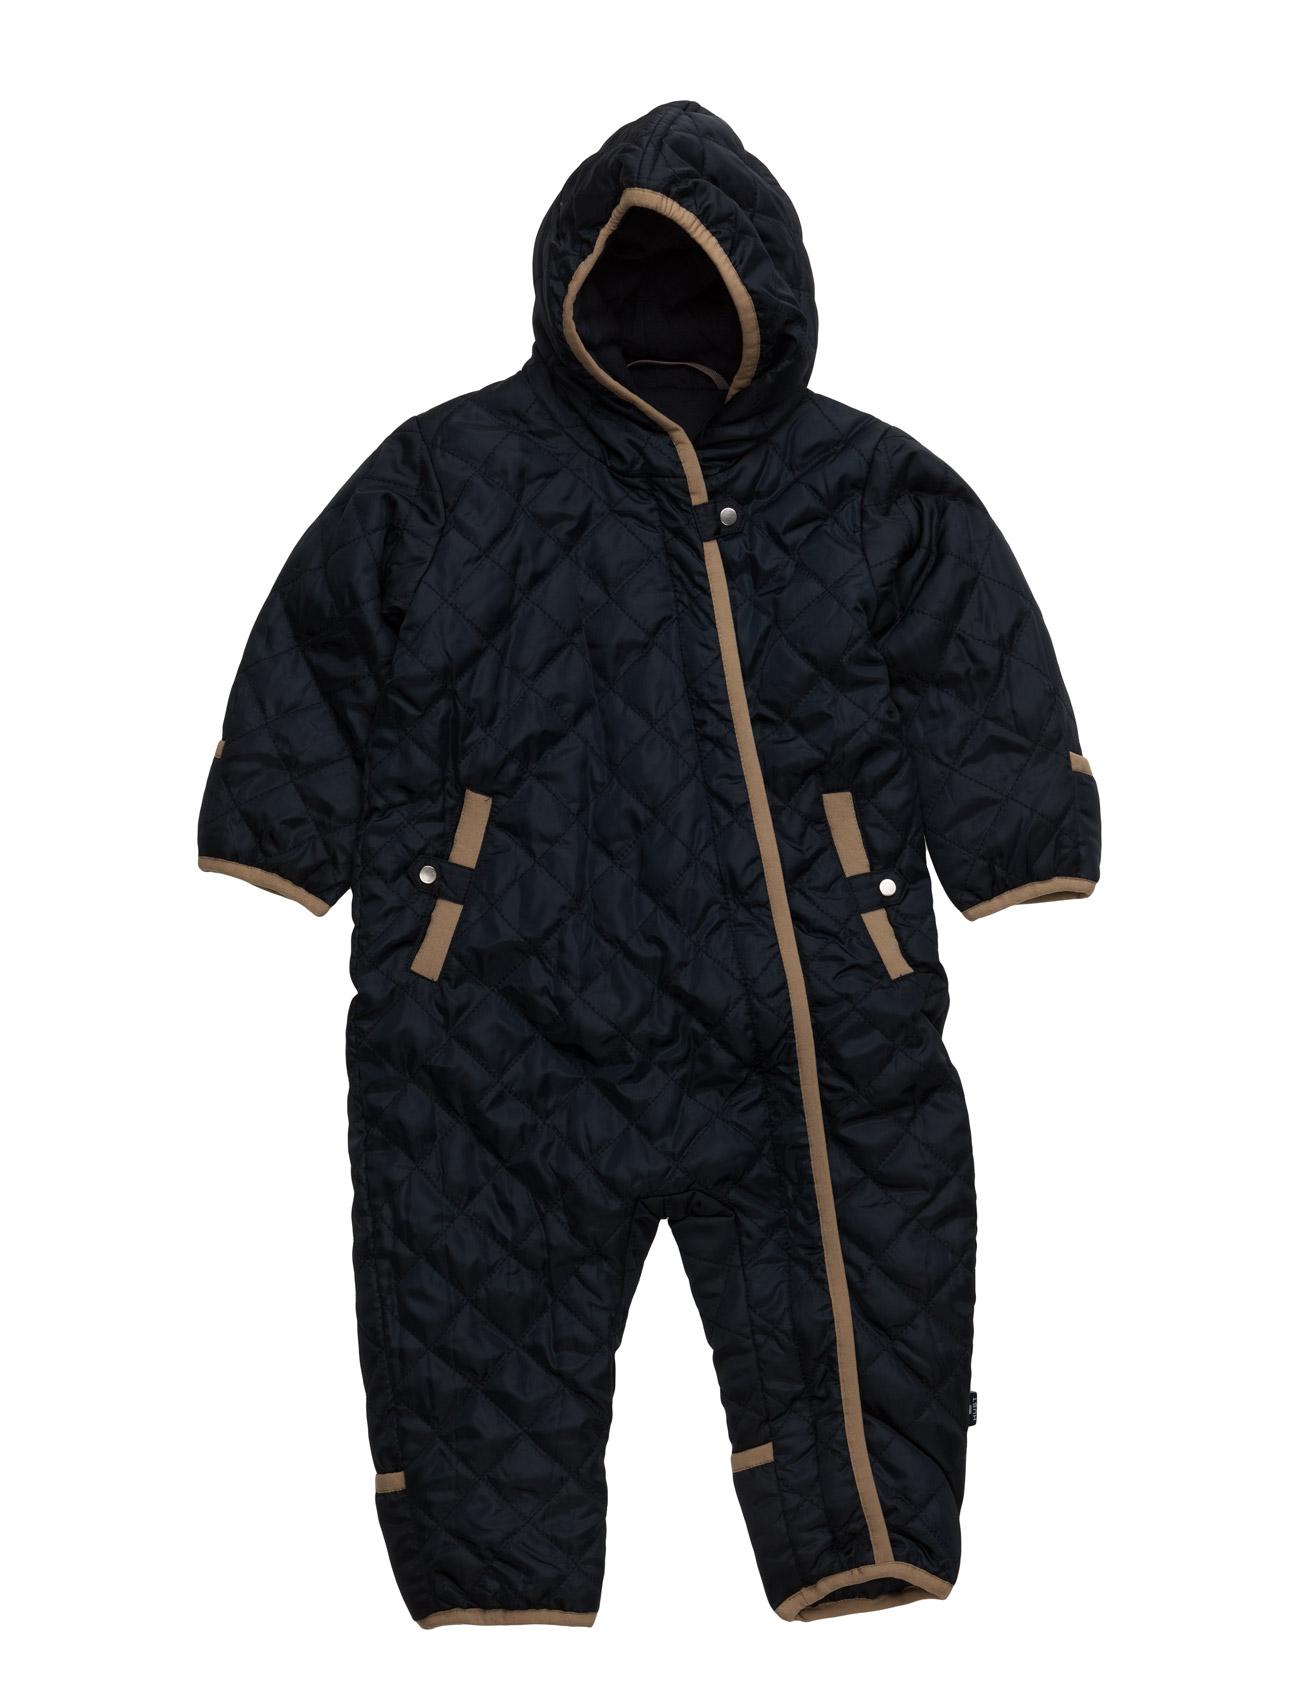 Outerwear Suit Hust & Claire Overalls til Børn i